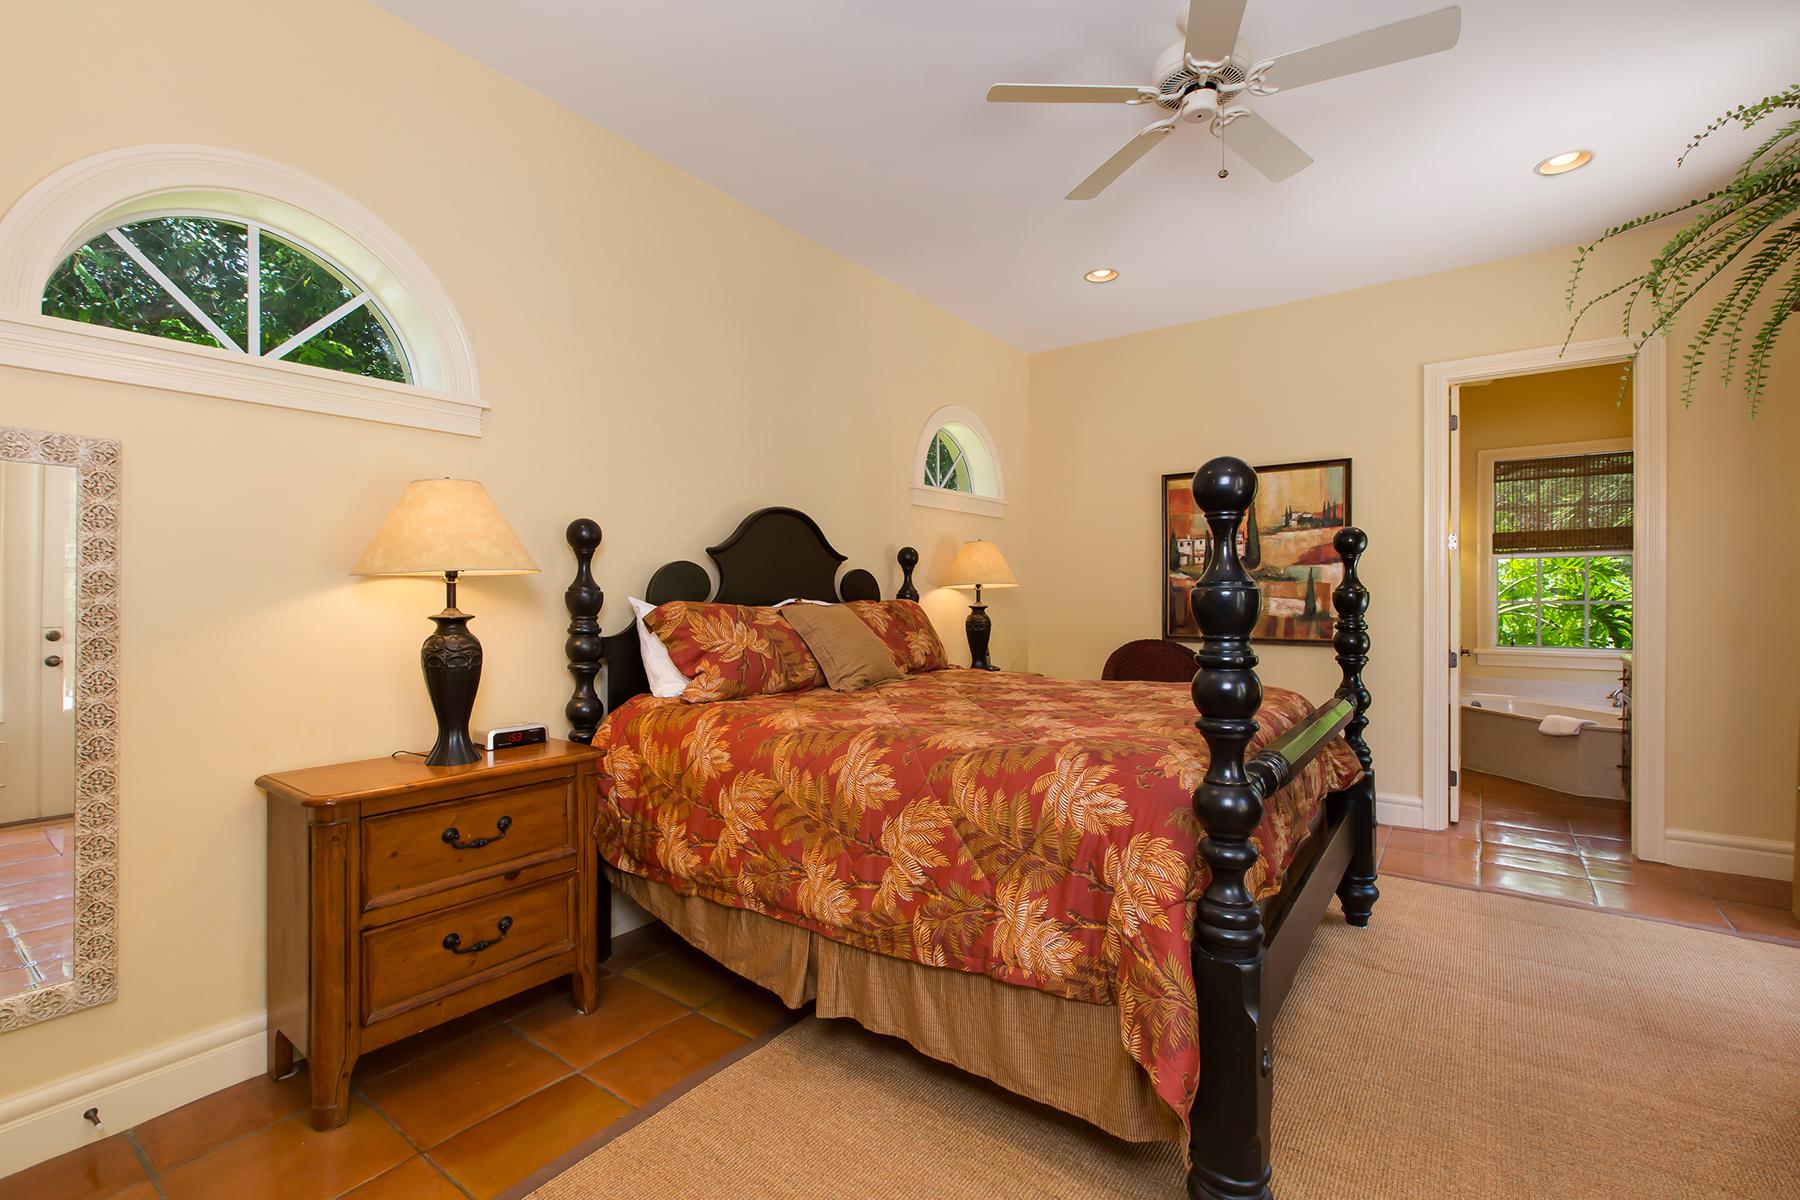 Additional photo for property listing at CAPTIVA 16167  Captiva Dr,  Captiva, Florida 33924 United States